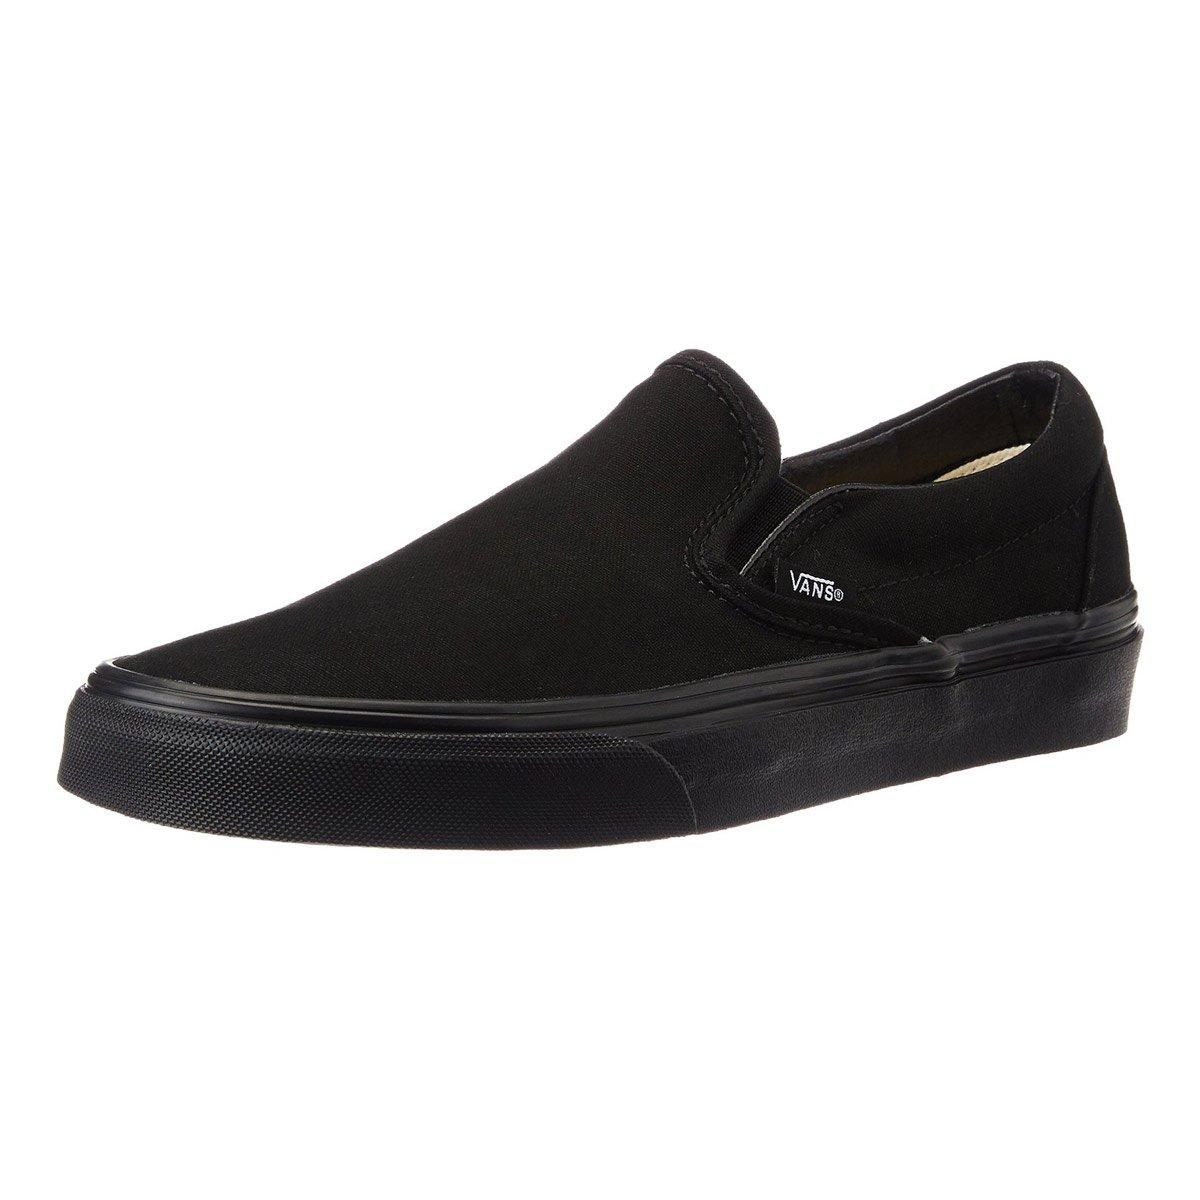 325137c25791 Amazon.com  Vans Unisex Classic Slip-On Black Black VN000EYEBKA  Shoes